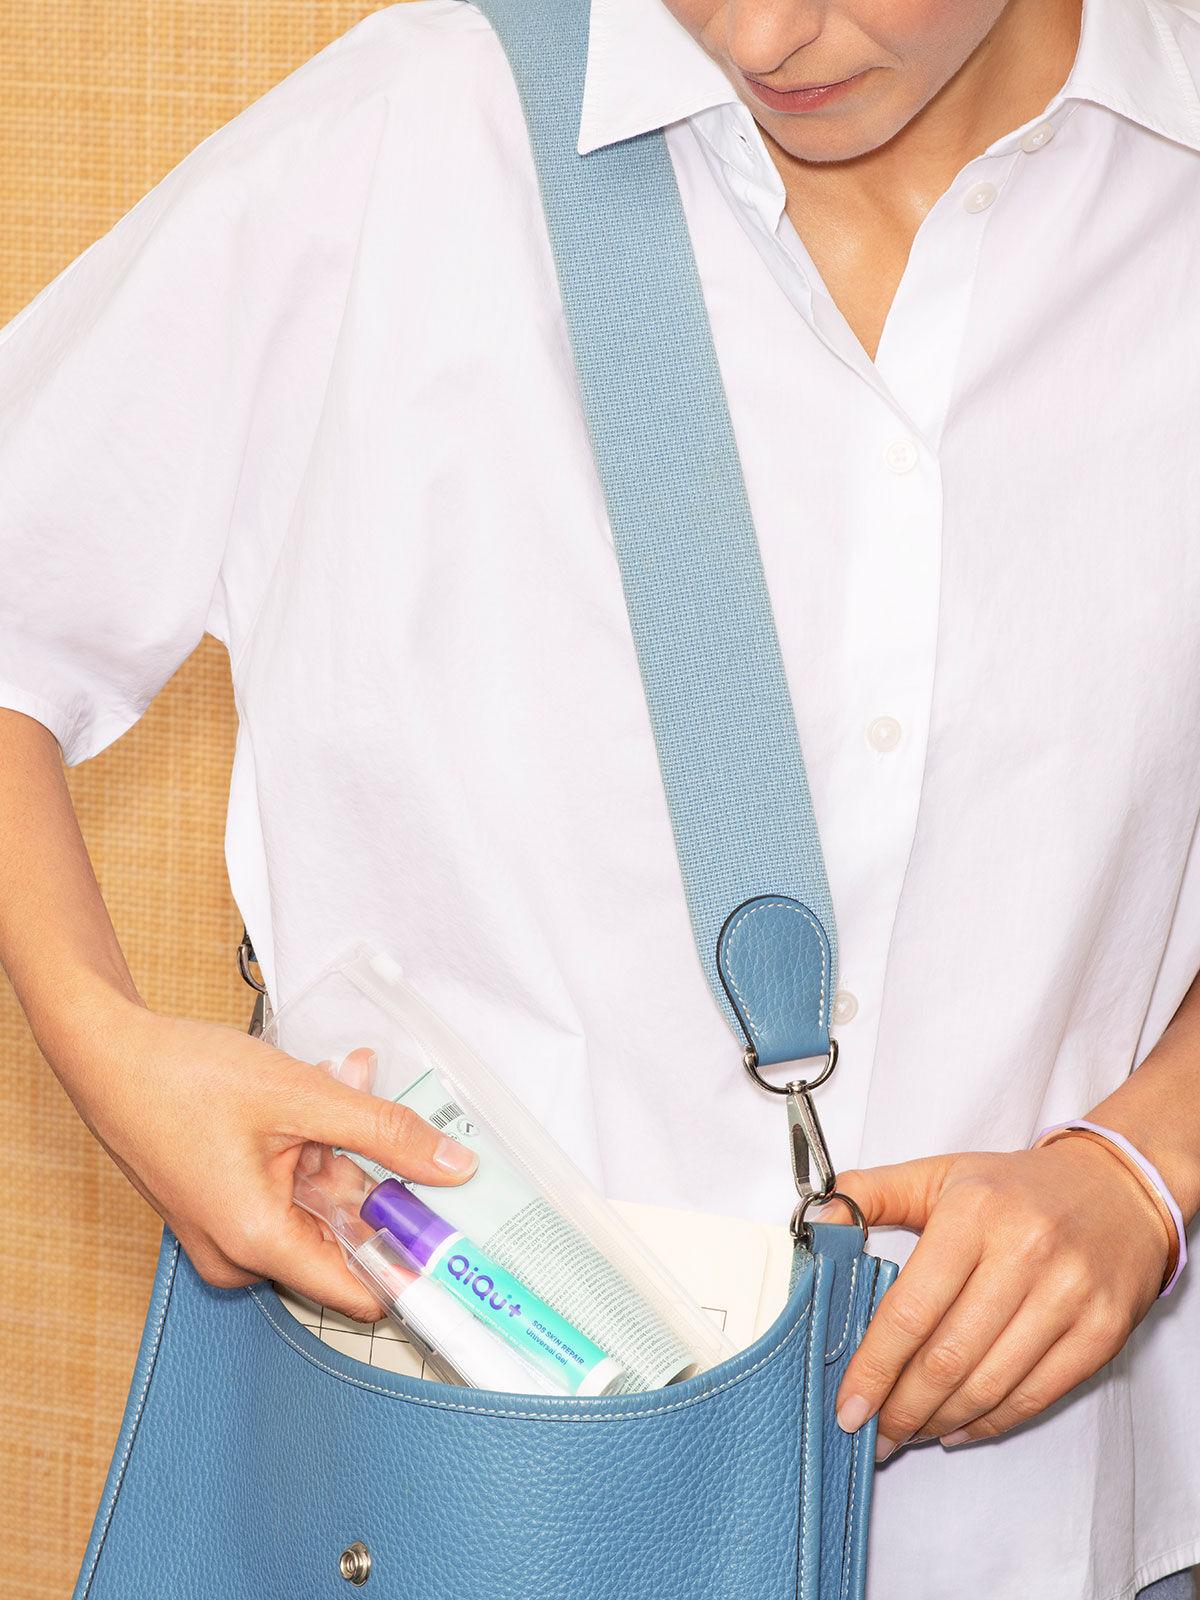 QiQu Skin Repairin eine Handtasche